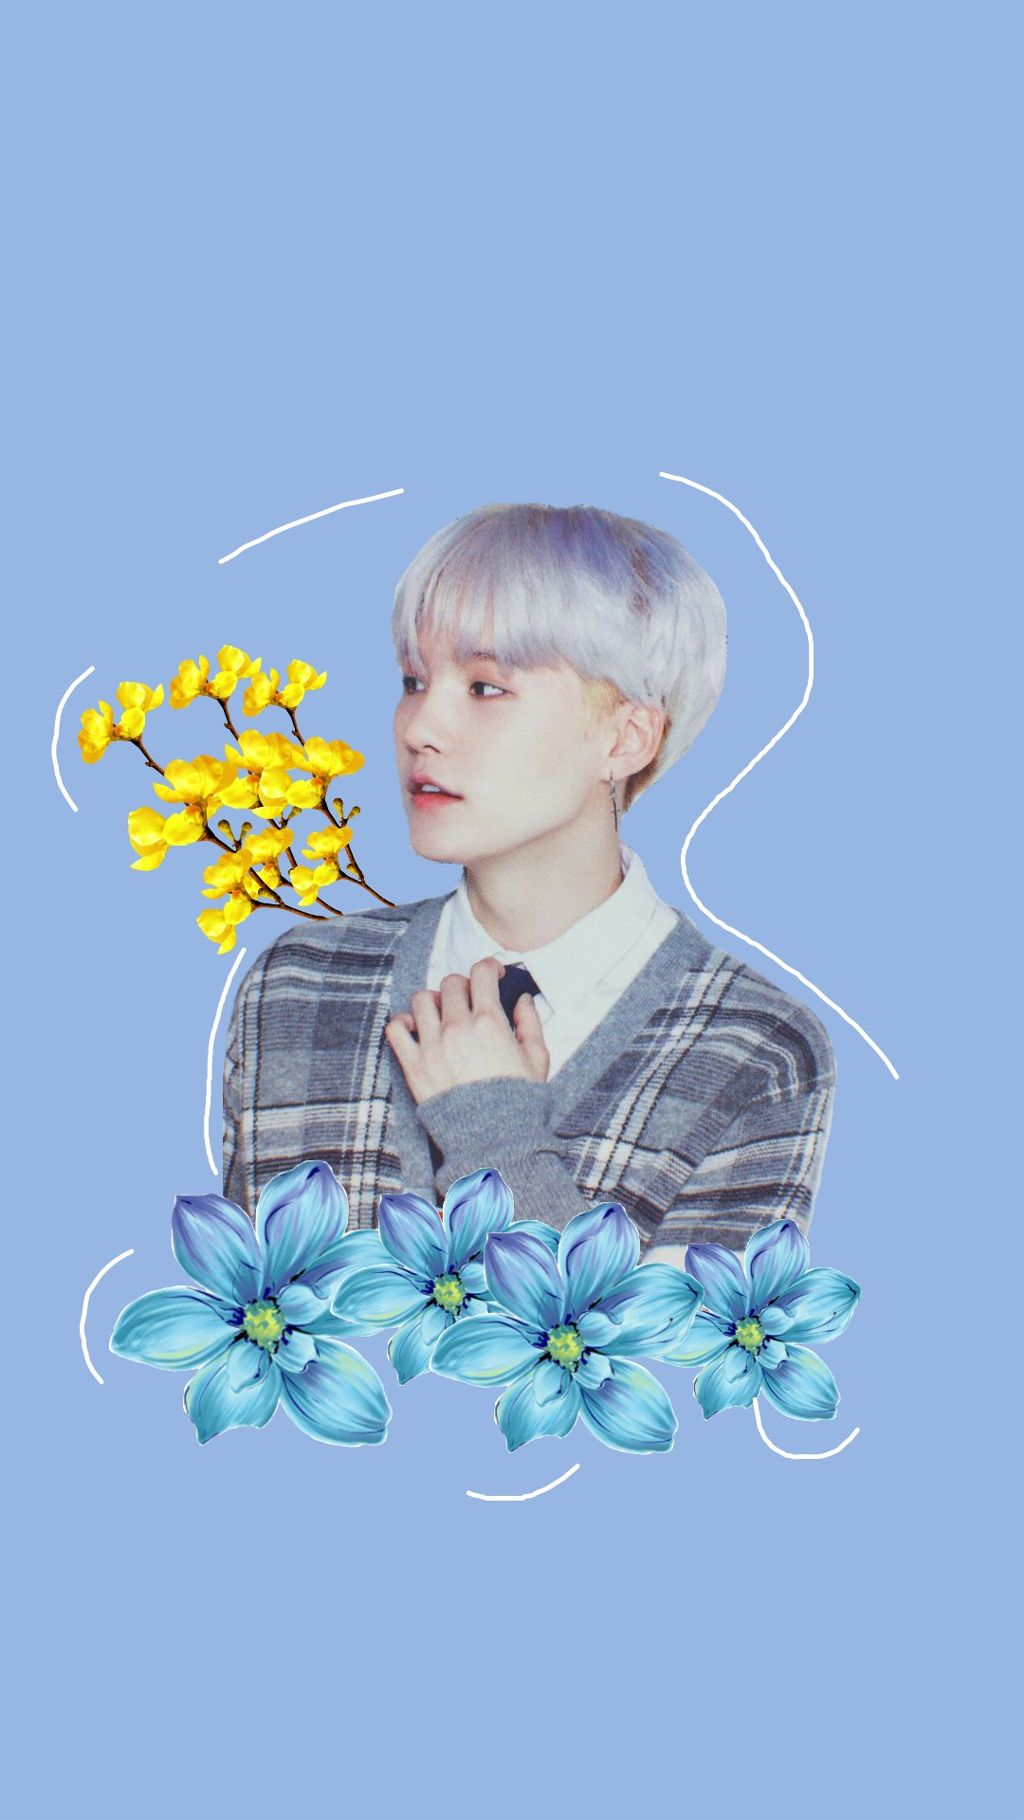 Wallpaper Lockscreen Bts Cute Blue Yellow Kpop Flowers